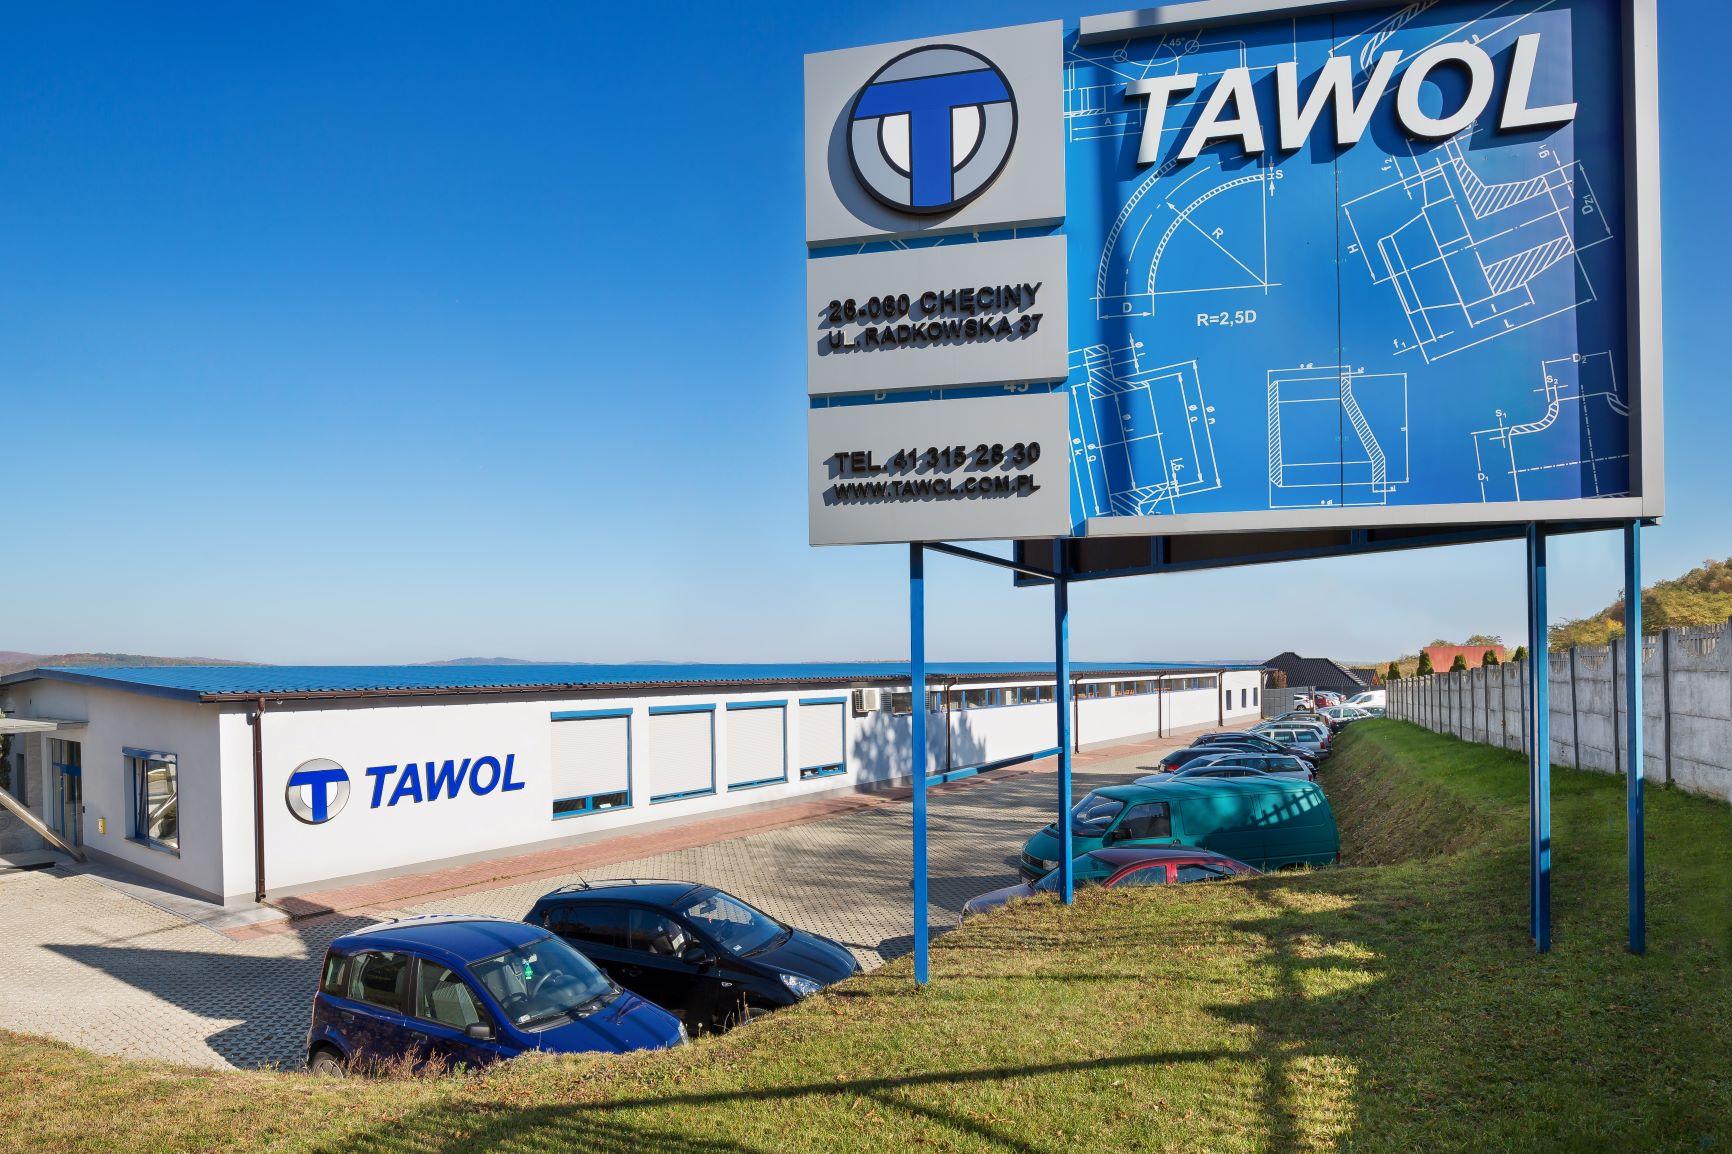 Tawol